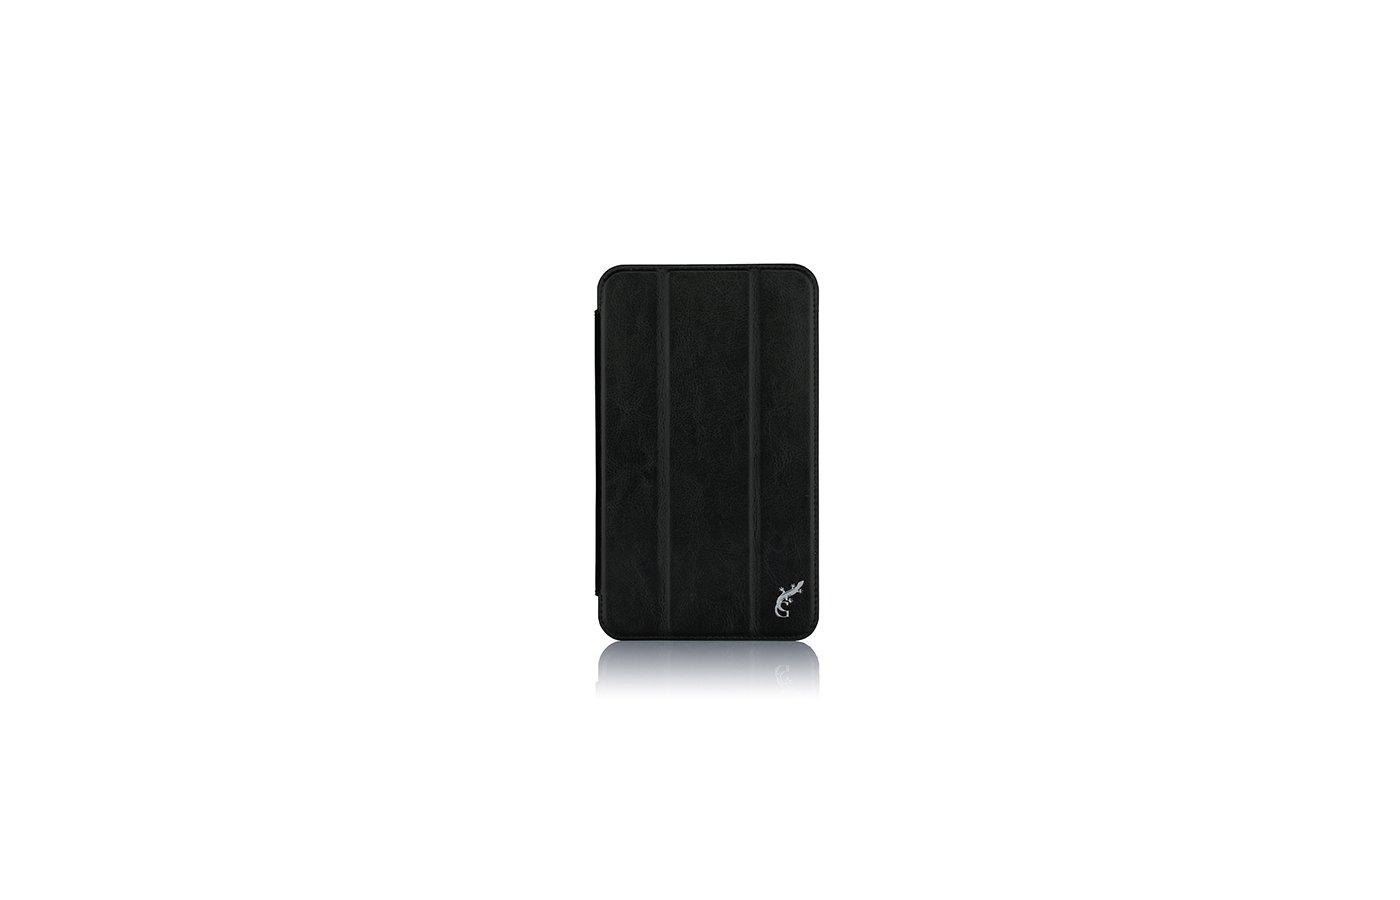 Чехол для планшетного ПК G-Case Slim Premium для Samsung Galaxy Tab A 7.0 черный